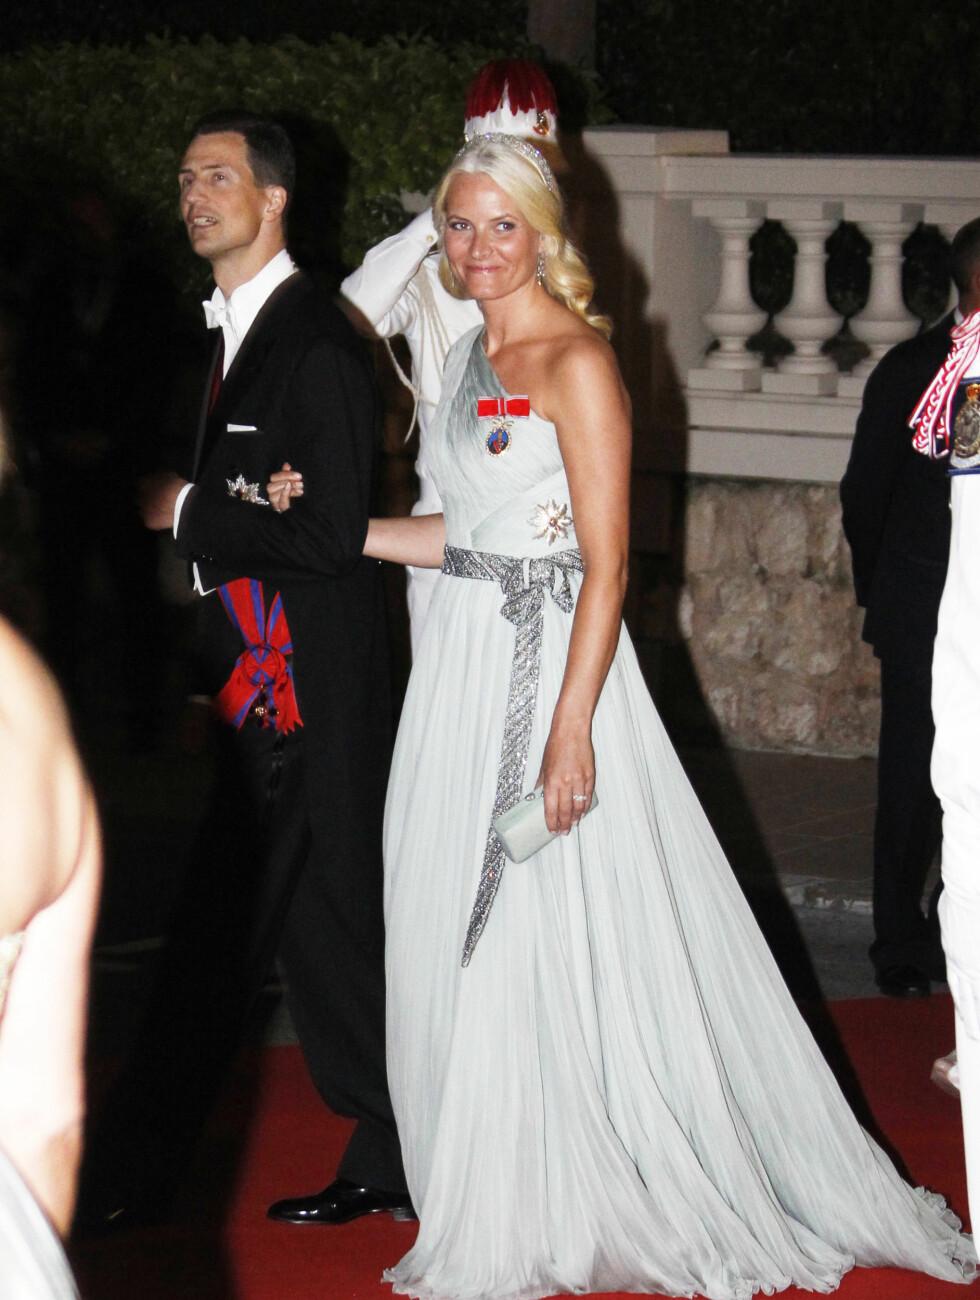 NORGE-Liechtenstein Kronprinsesse Mette-Marit blir eskortert inn til gallamiddag av arveprins Alois av Liechtenstein.  Foto: Scanpix